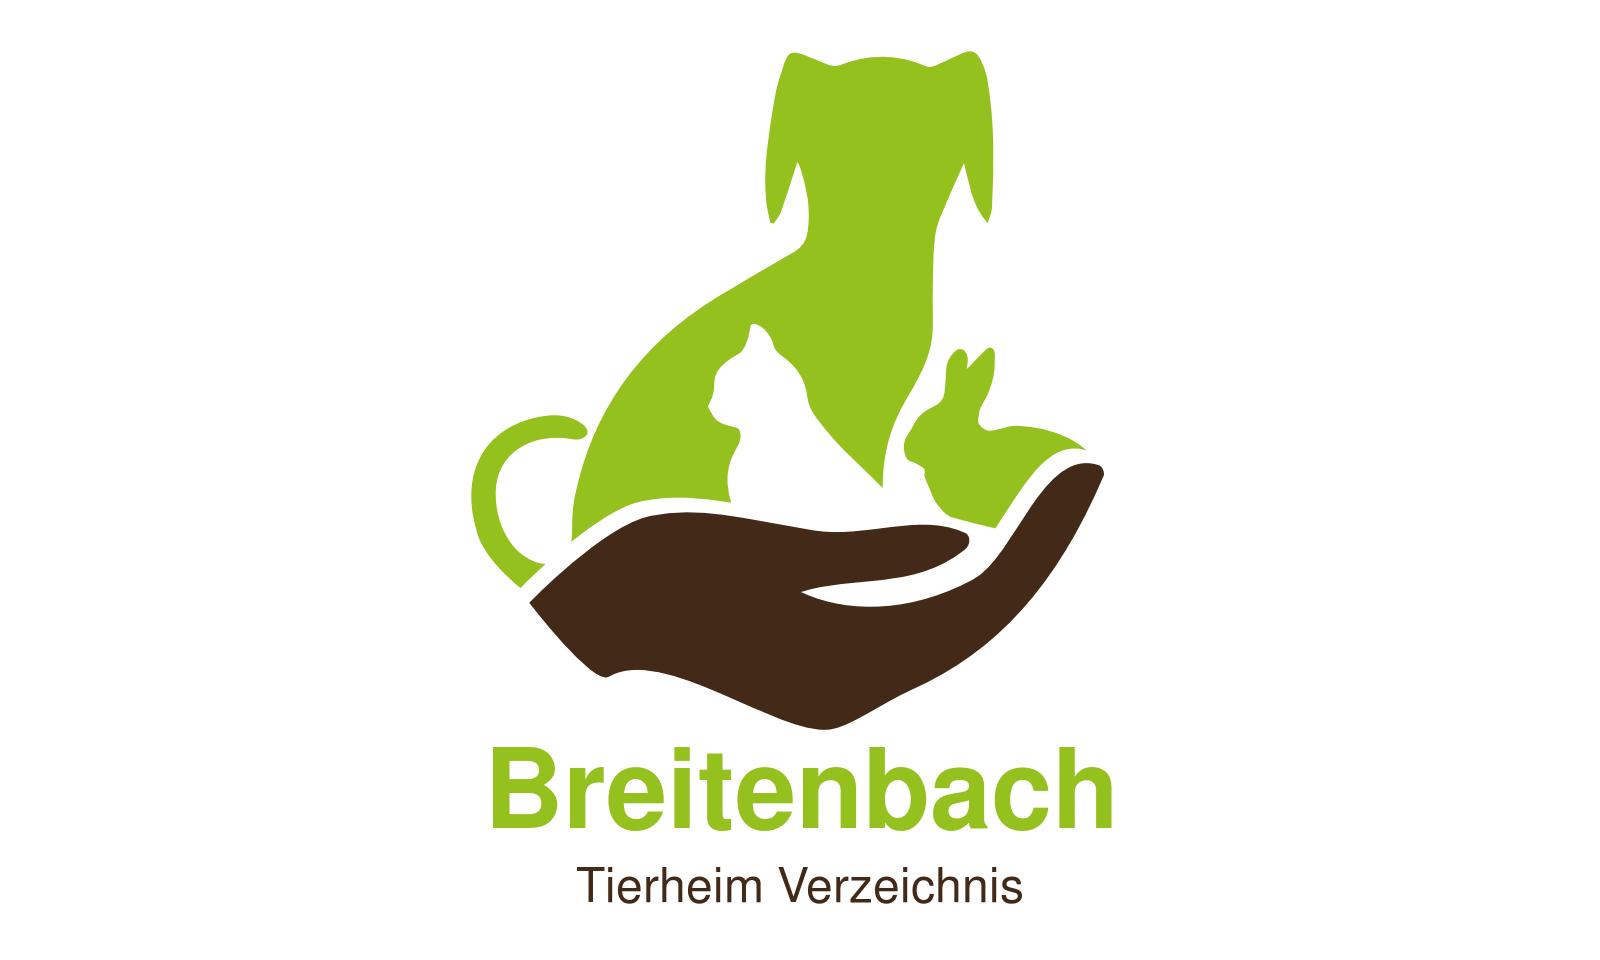 Tierheim Breitenbach